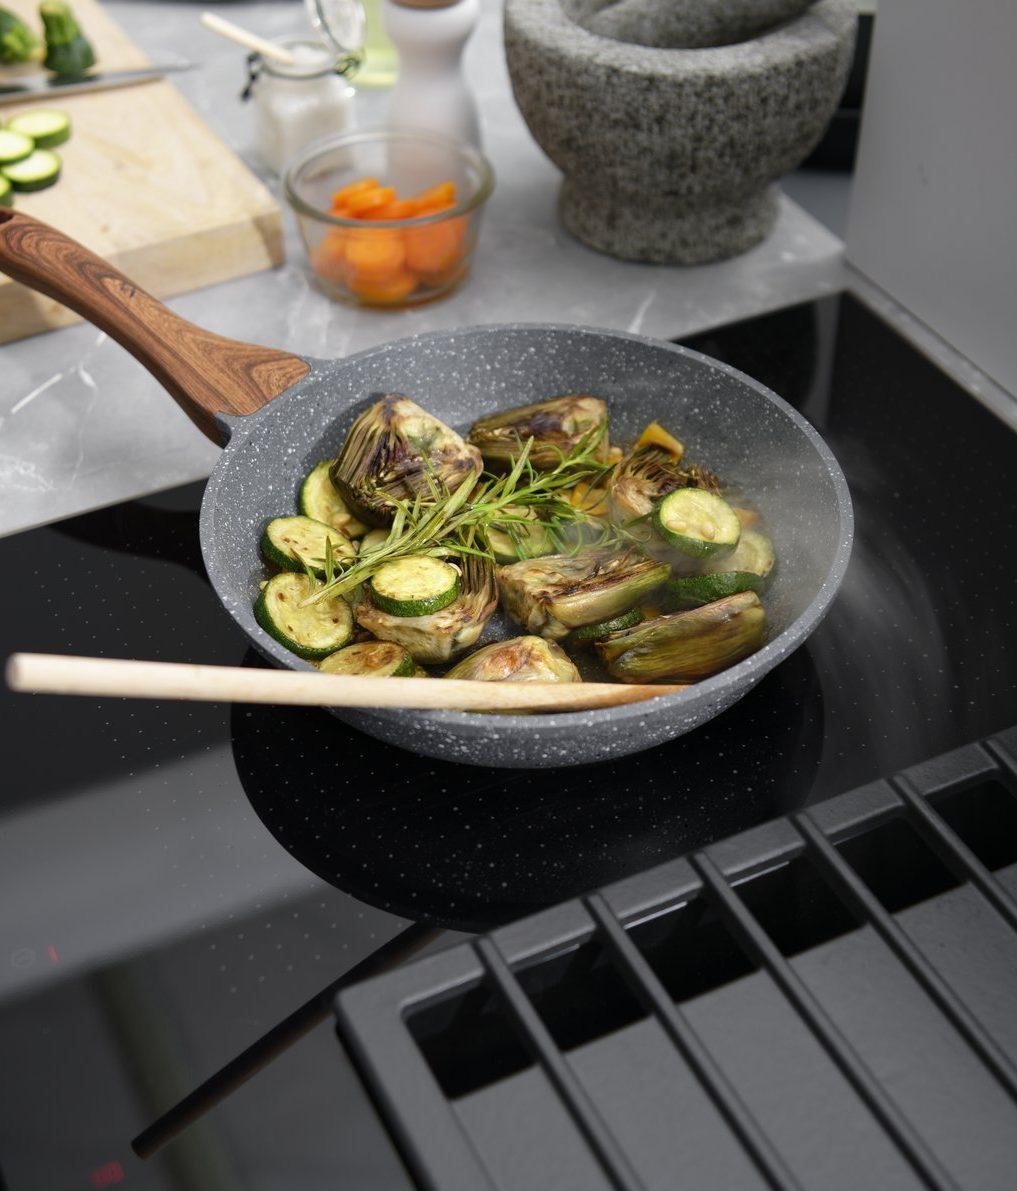 Hotte intégrée dans la plaque de cuisson.